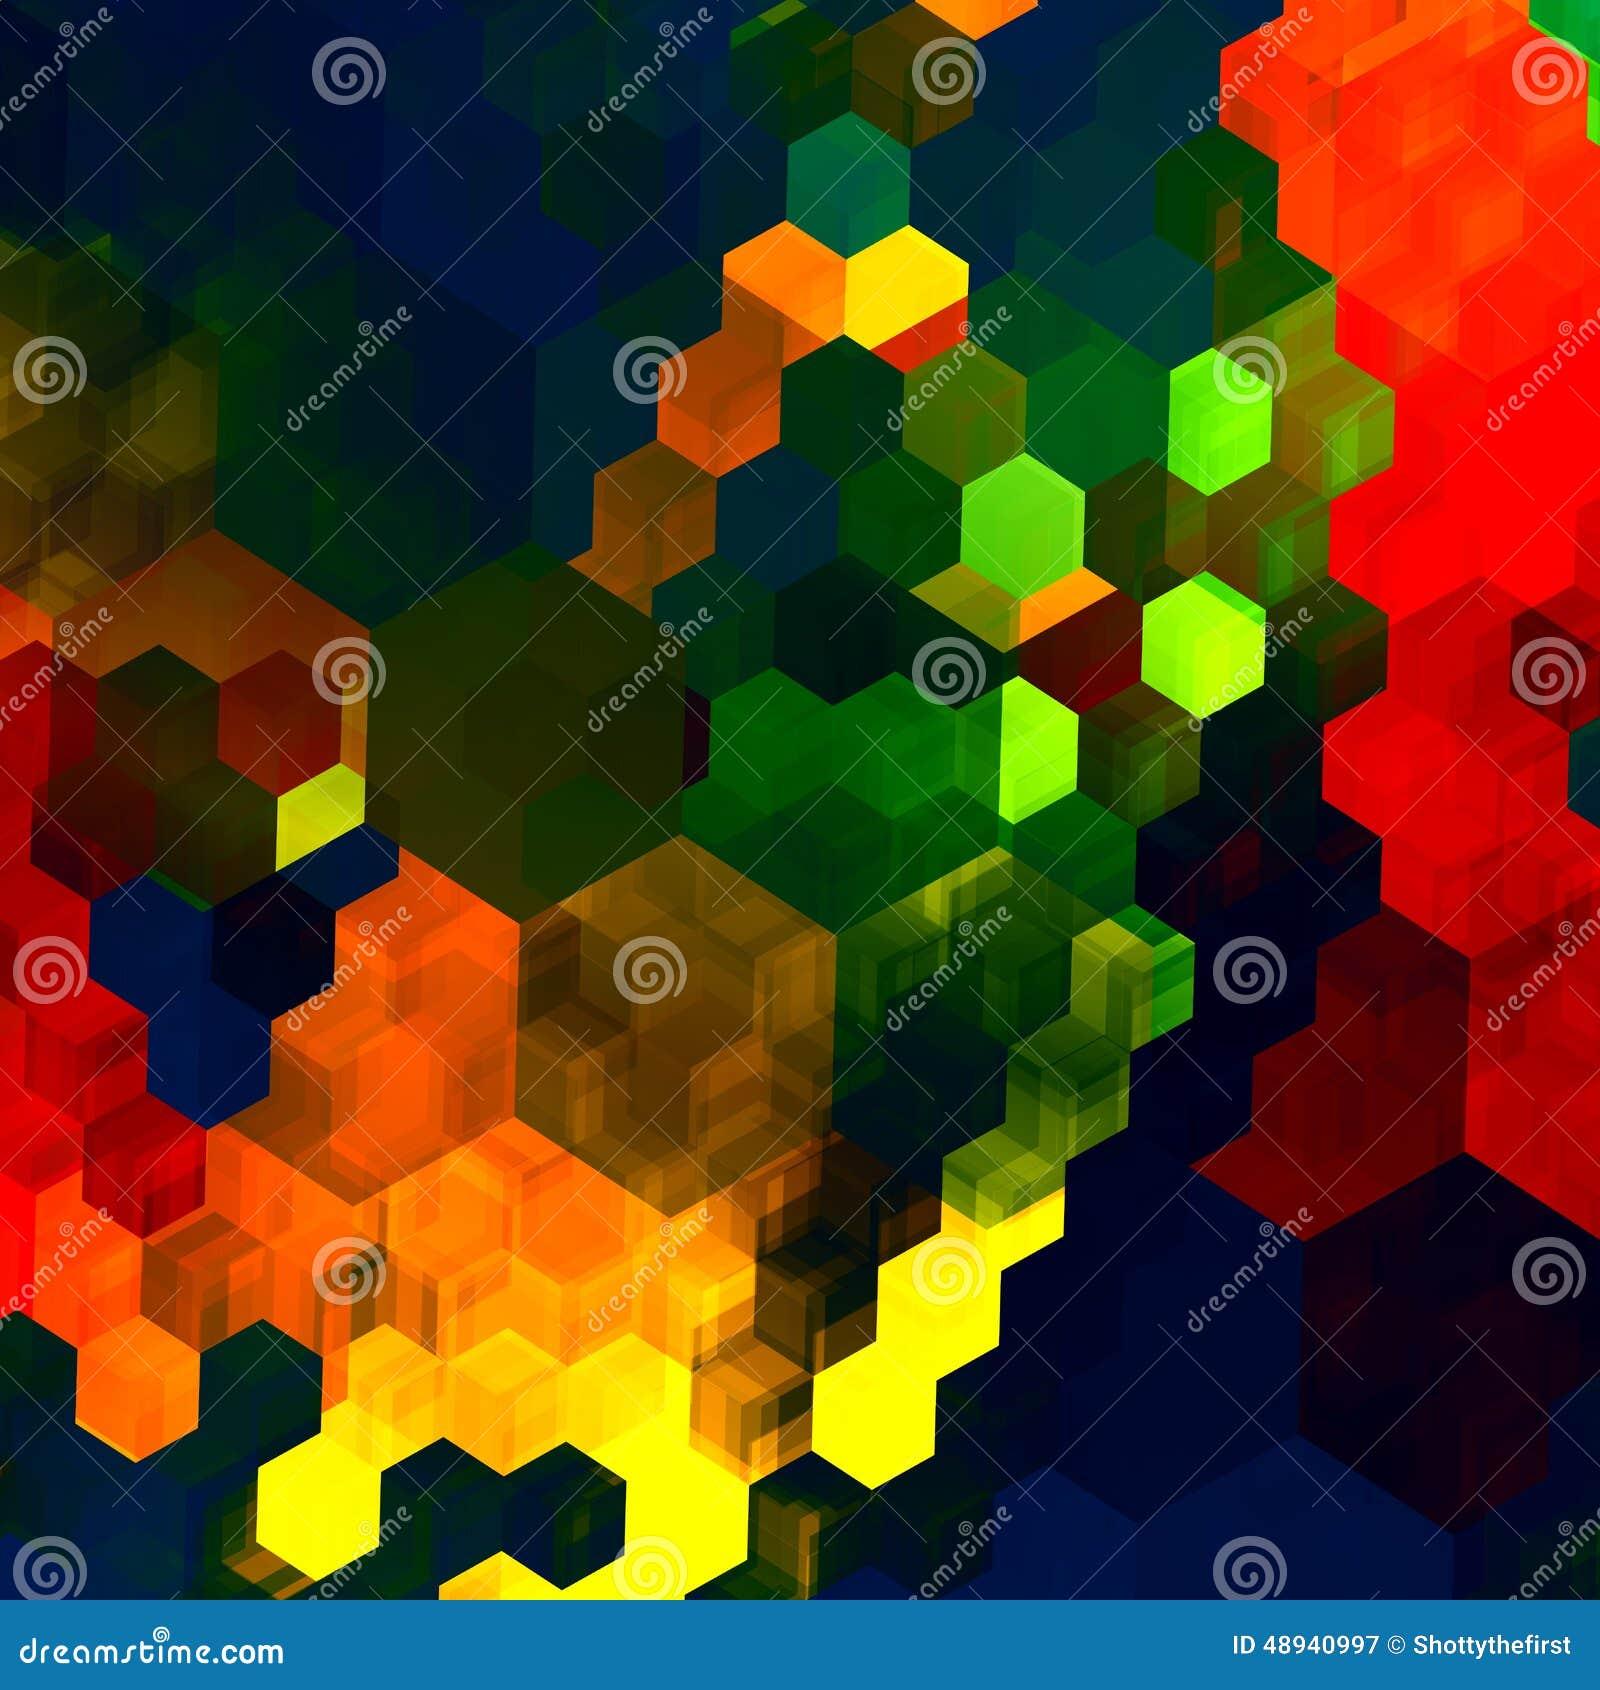 Fond Abstrait De Mosaïque Modèle Chaotique Coloré Vert Bleu Rouge